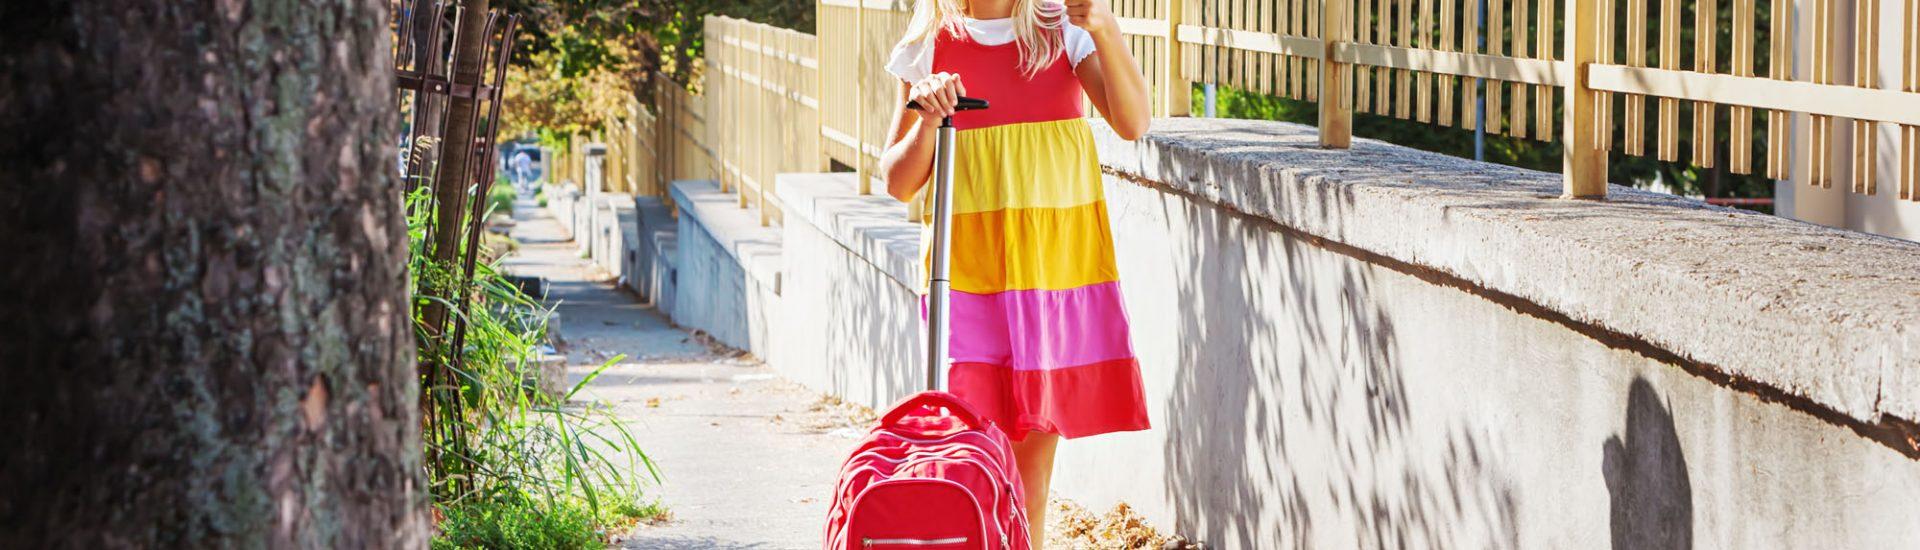 Schulranzen Trolley: Top 3 Modelle, Vor- und Nachteile